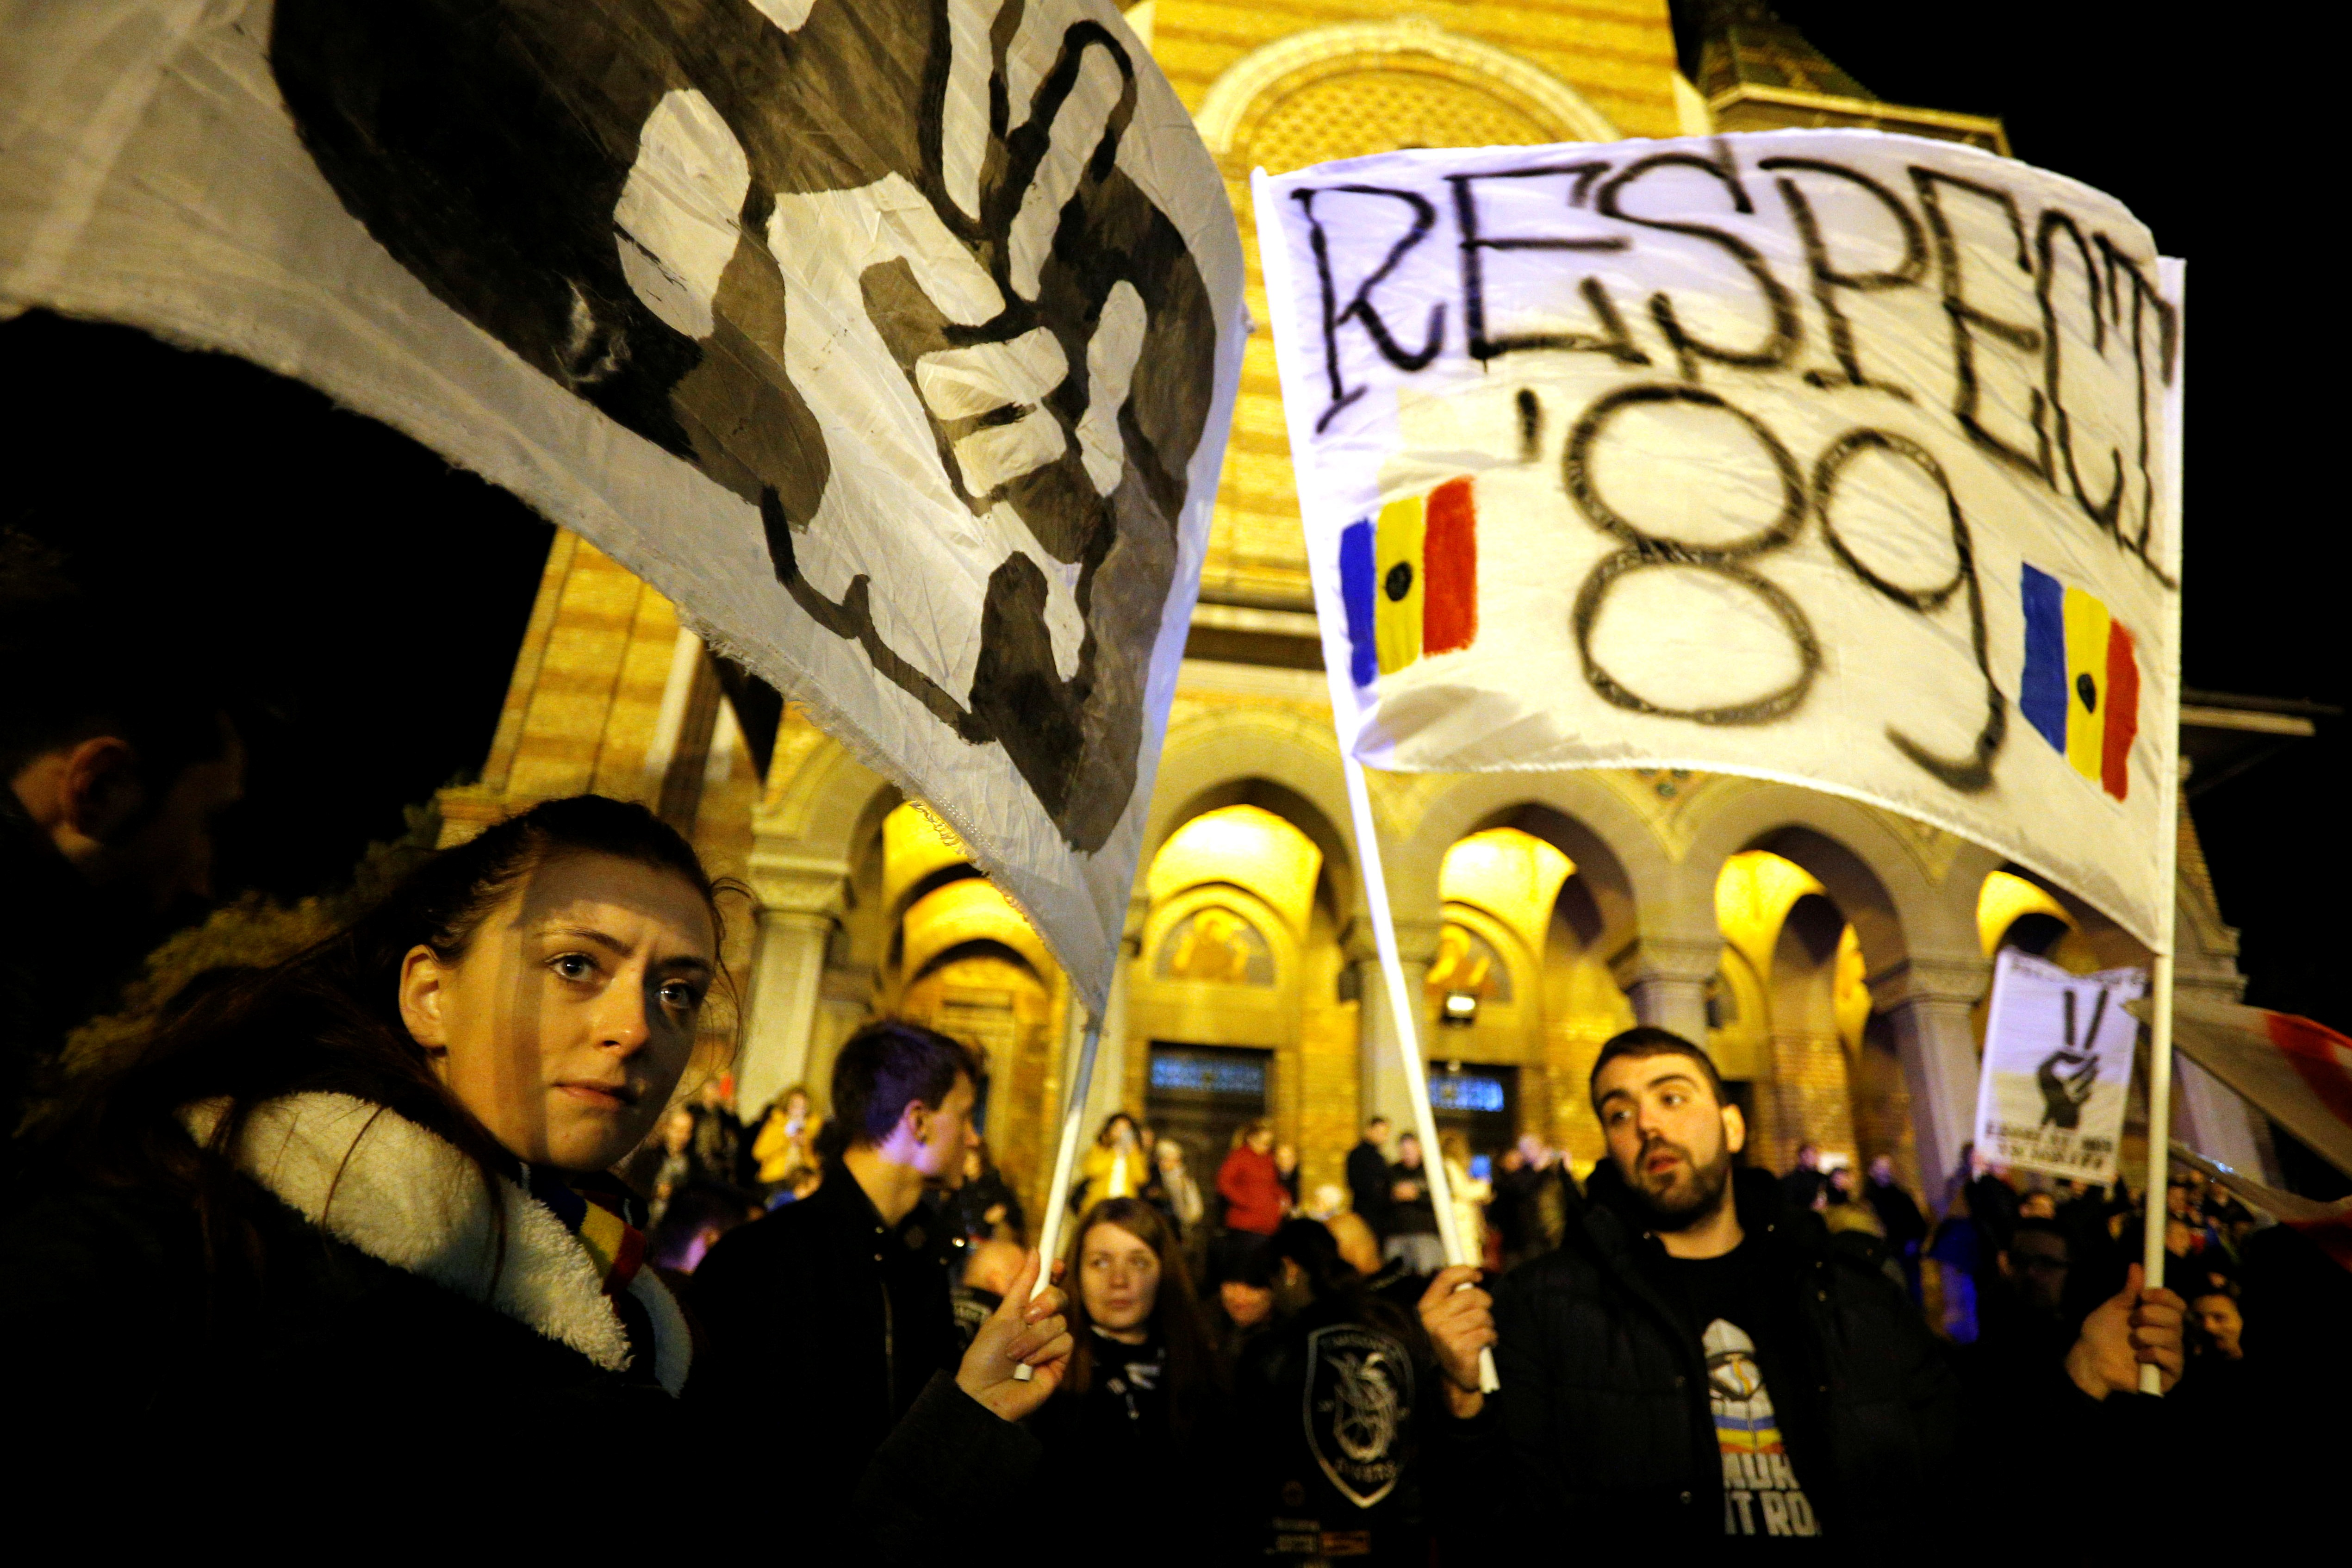 Ρουμανία: Φωτογραφική έκθεση για τα ματωμένα Χριστούγεννα που άλλαξαν την Ιστορία!